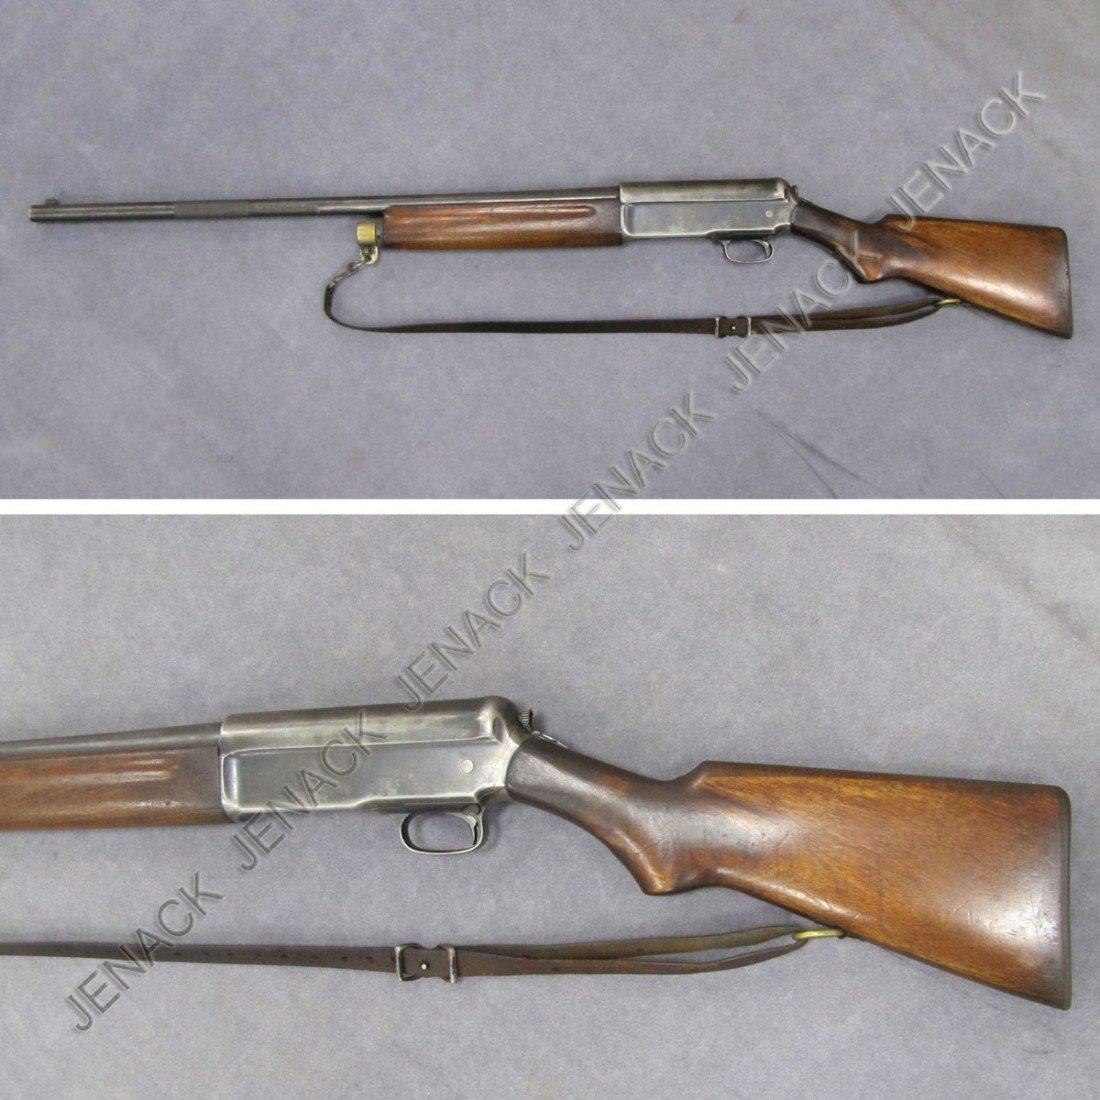 111: **NICS CHECK** WINCHESTER MODEL 1911 SHOT GUN